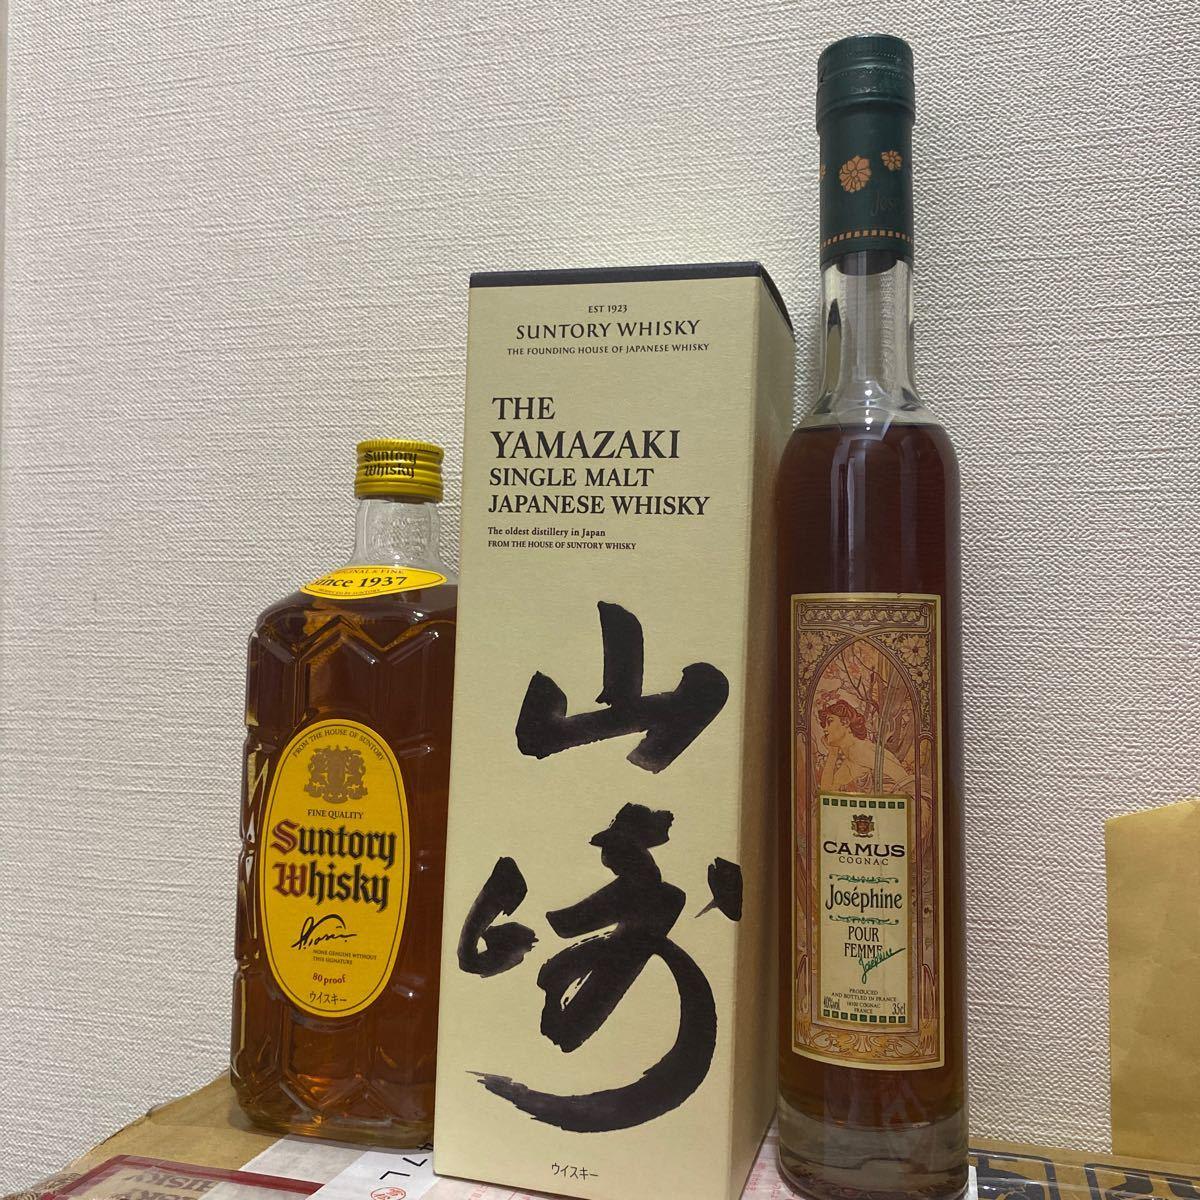 角瓶700ml  1本 山崎700ml 1本 Camus cognac 350ml1本